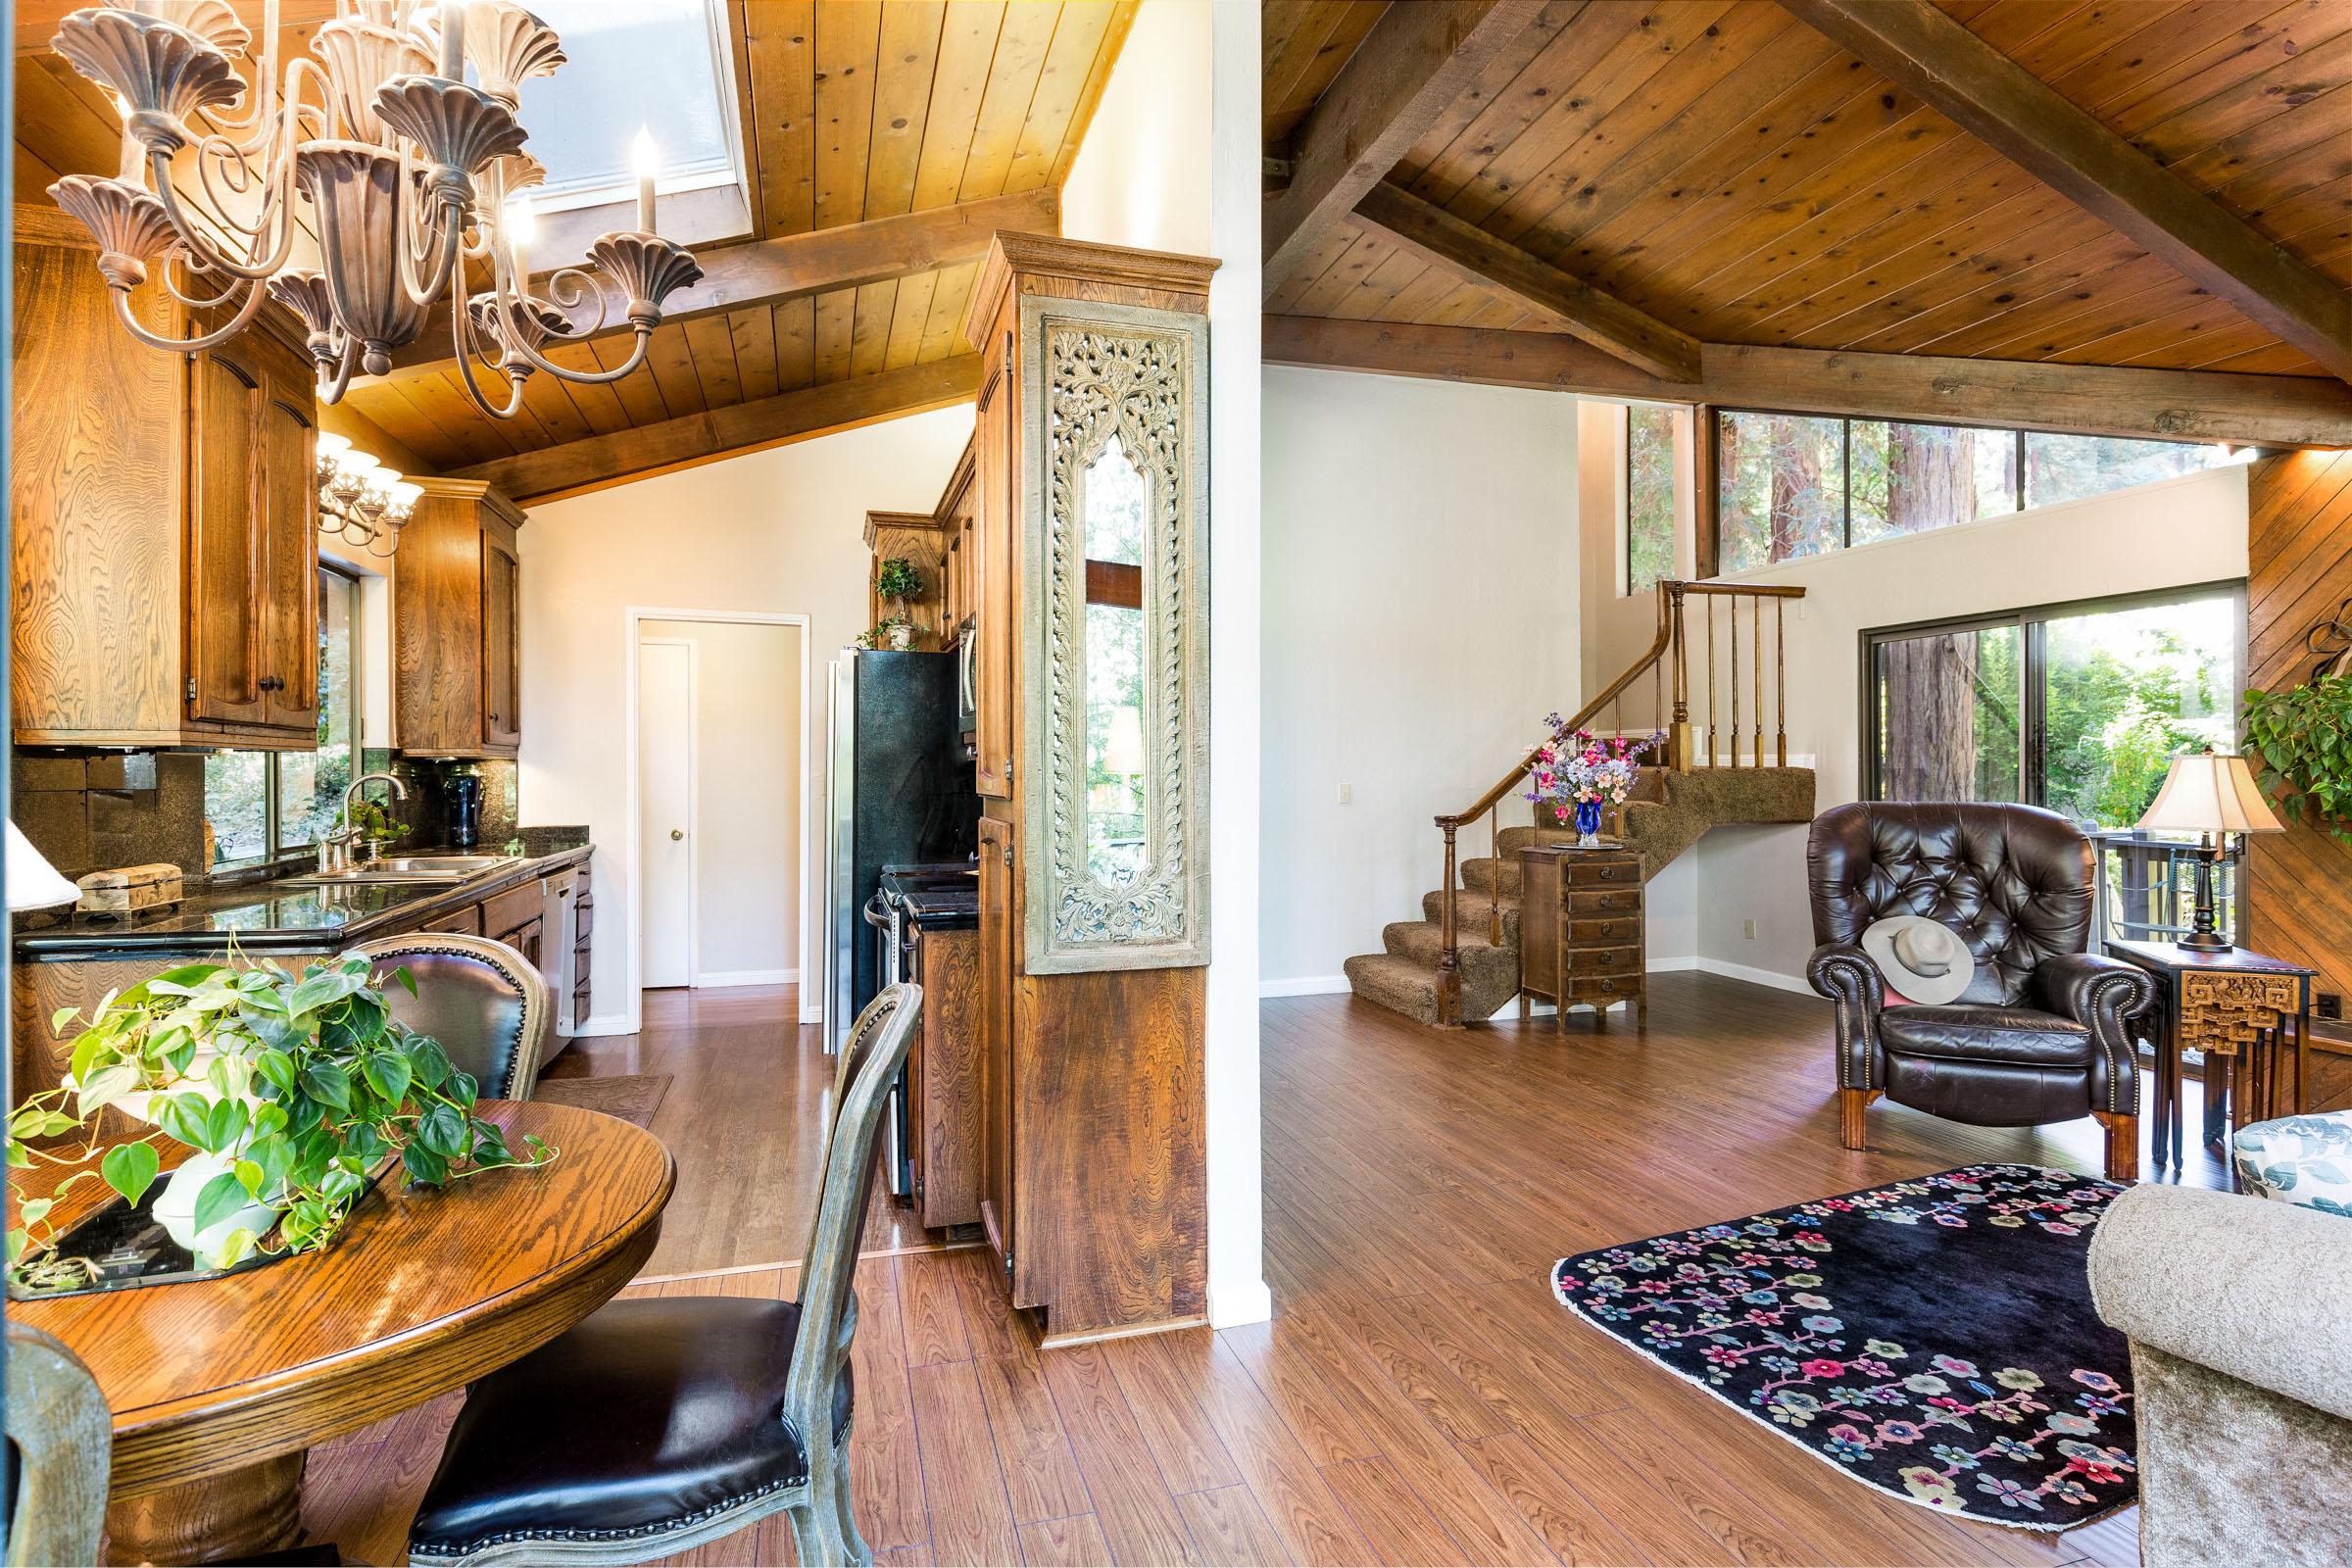 1500 Sq. Ft. Custom Built House Near Santa Cruz